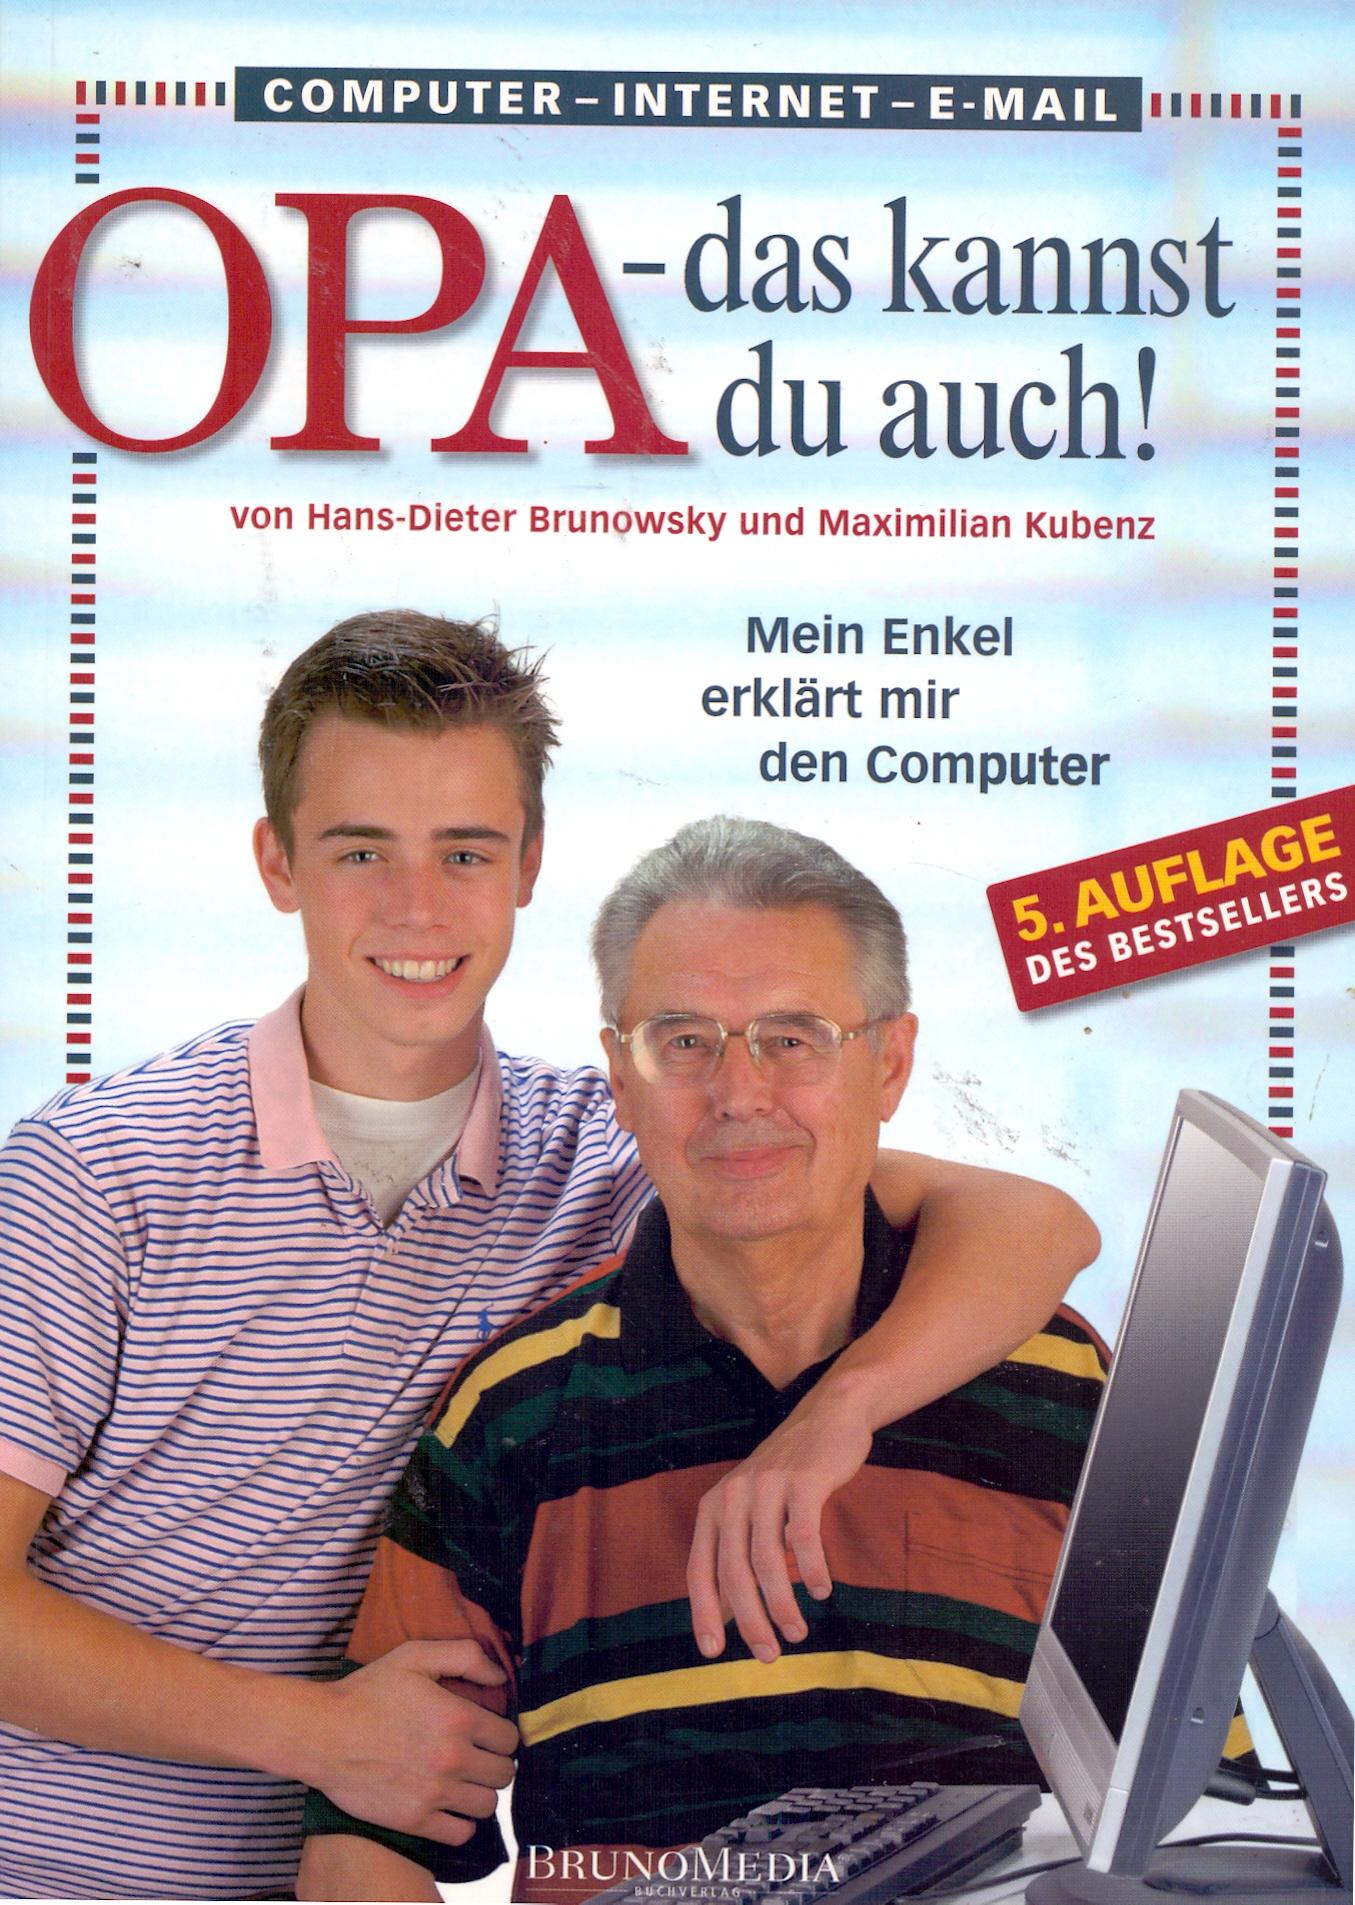 Opa, das kannst Du auch! Mein Enkel erklärt mir den Computer - Hans-Dieter Brunowsky [Broschiert, 5. Auflage 2008]